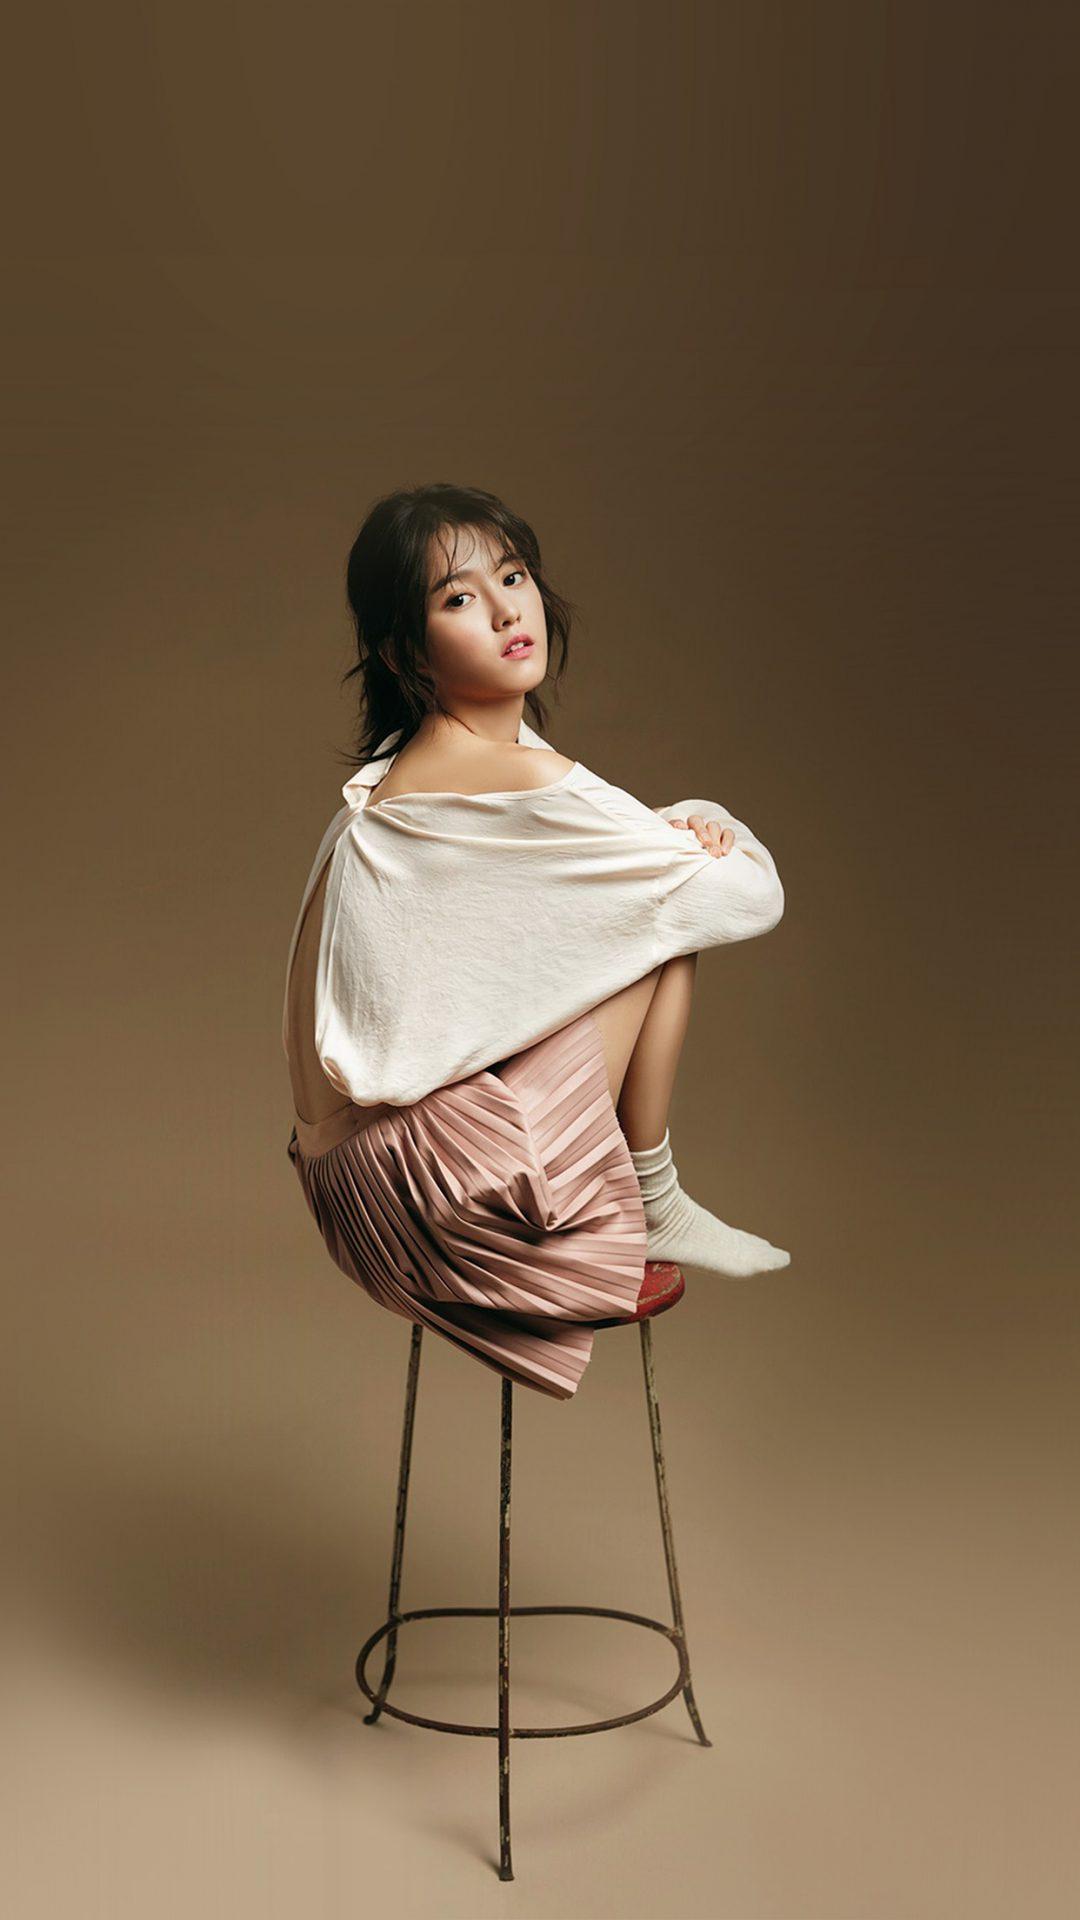 Kpop Nambora Sitting Chair Cute Brown